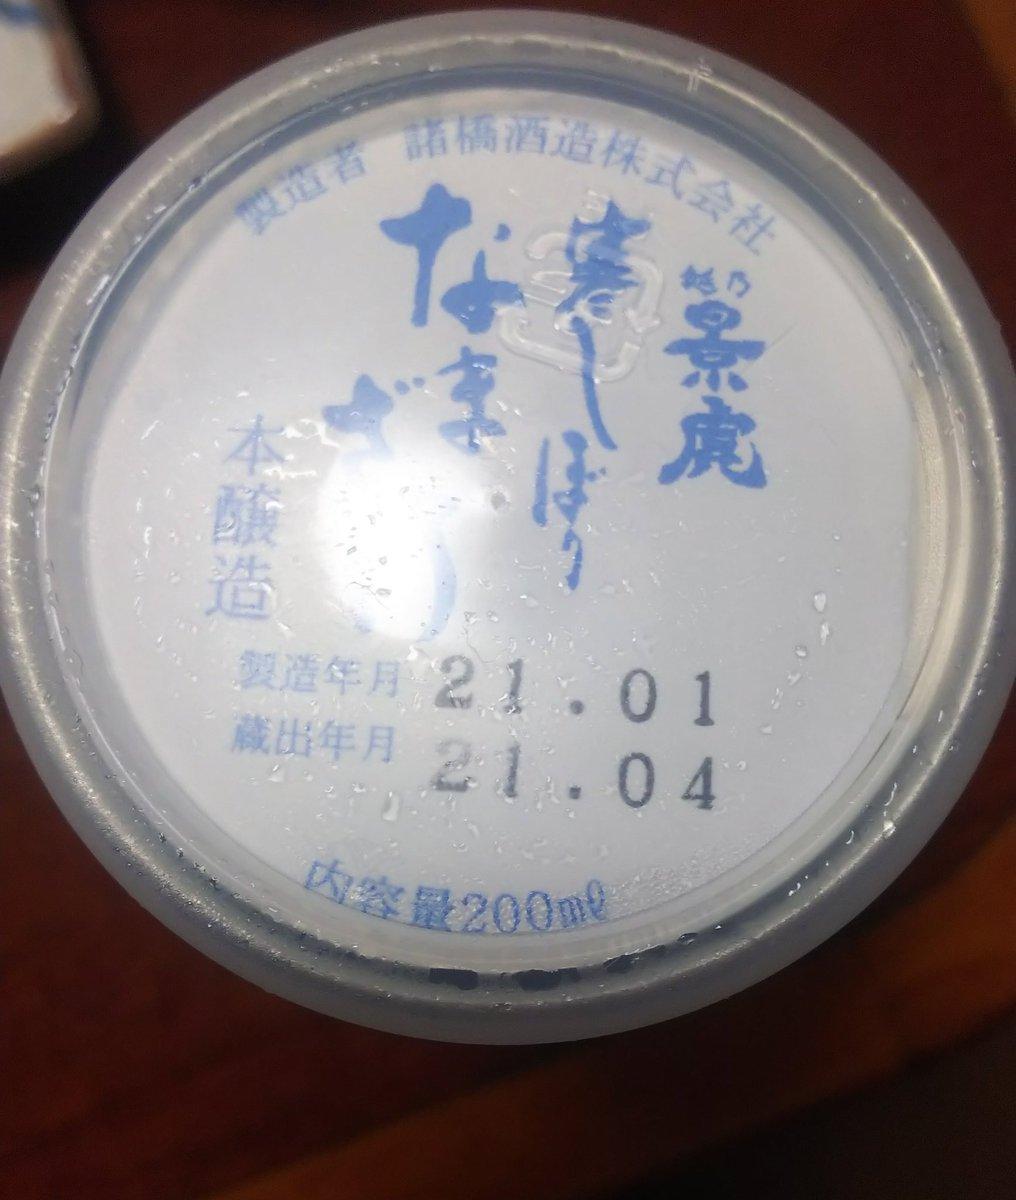 test ツイッターメディア - 今日のあまか酒  越乃景虎 生酒  ぬはははぁ! 越乃景虎の生酒だ!!珍しいだろ!!  いーだろ、飲みてえだろ!!あげないよーーん(バカ)  すんげー飲みごたえだぜぇヽ(゚∀。)ノ💦  (なんか、ひでえレビューだな。疲れてんだなw)  #日本酒 #あまか酒 https://t.co/oXX4ry0mYA